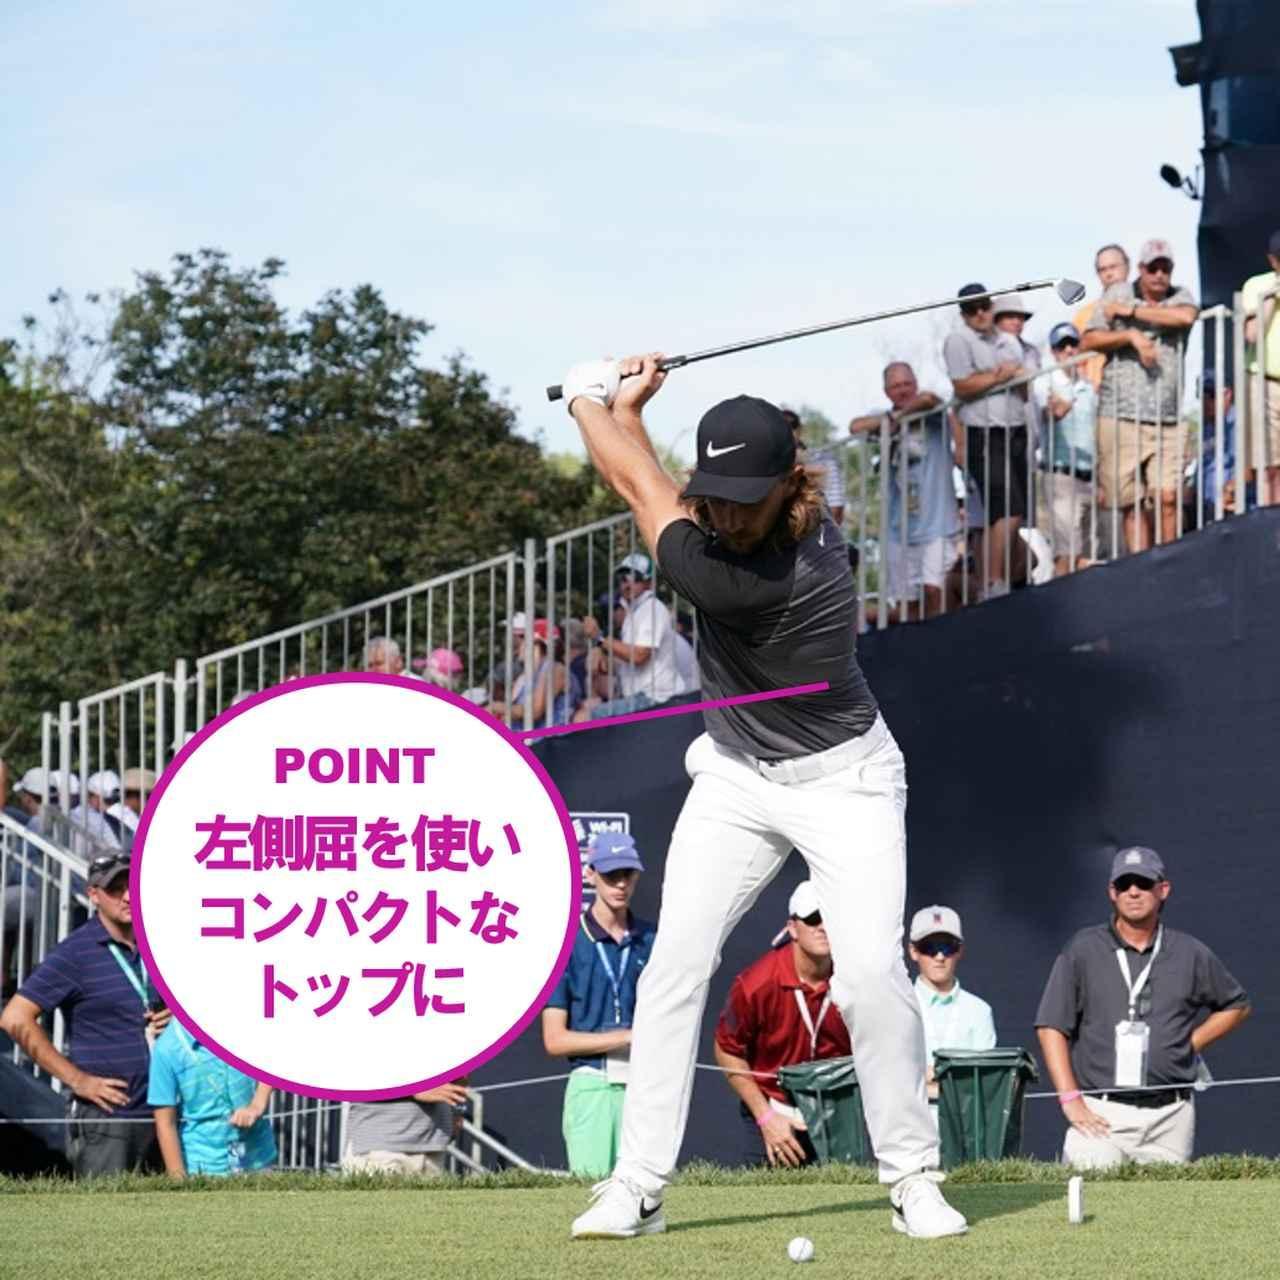 画像4: 【ZOZO選手権】本場PGAツアーがやってくる。解説陣が語る「世界のトップのココを見よ!」タイガー、マキロイ、デイ、バッバ……